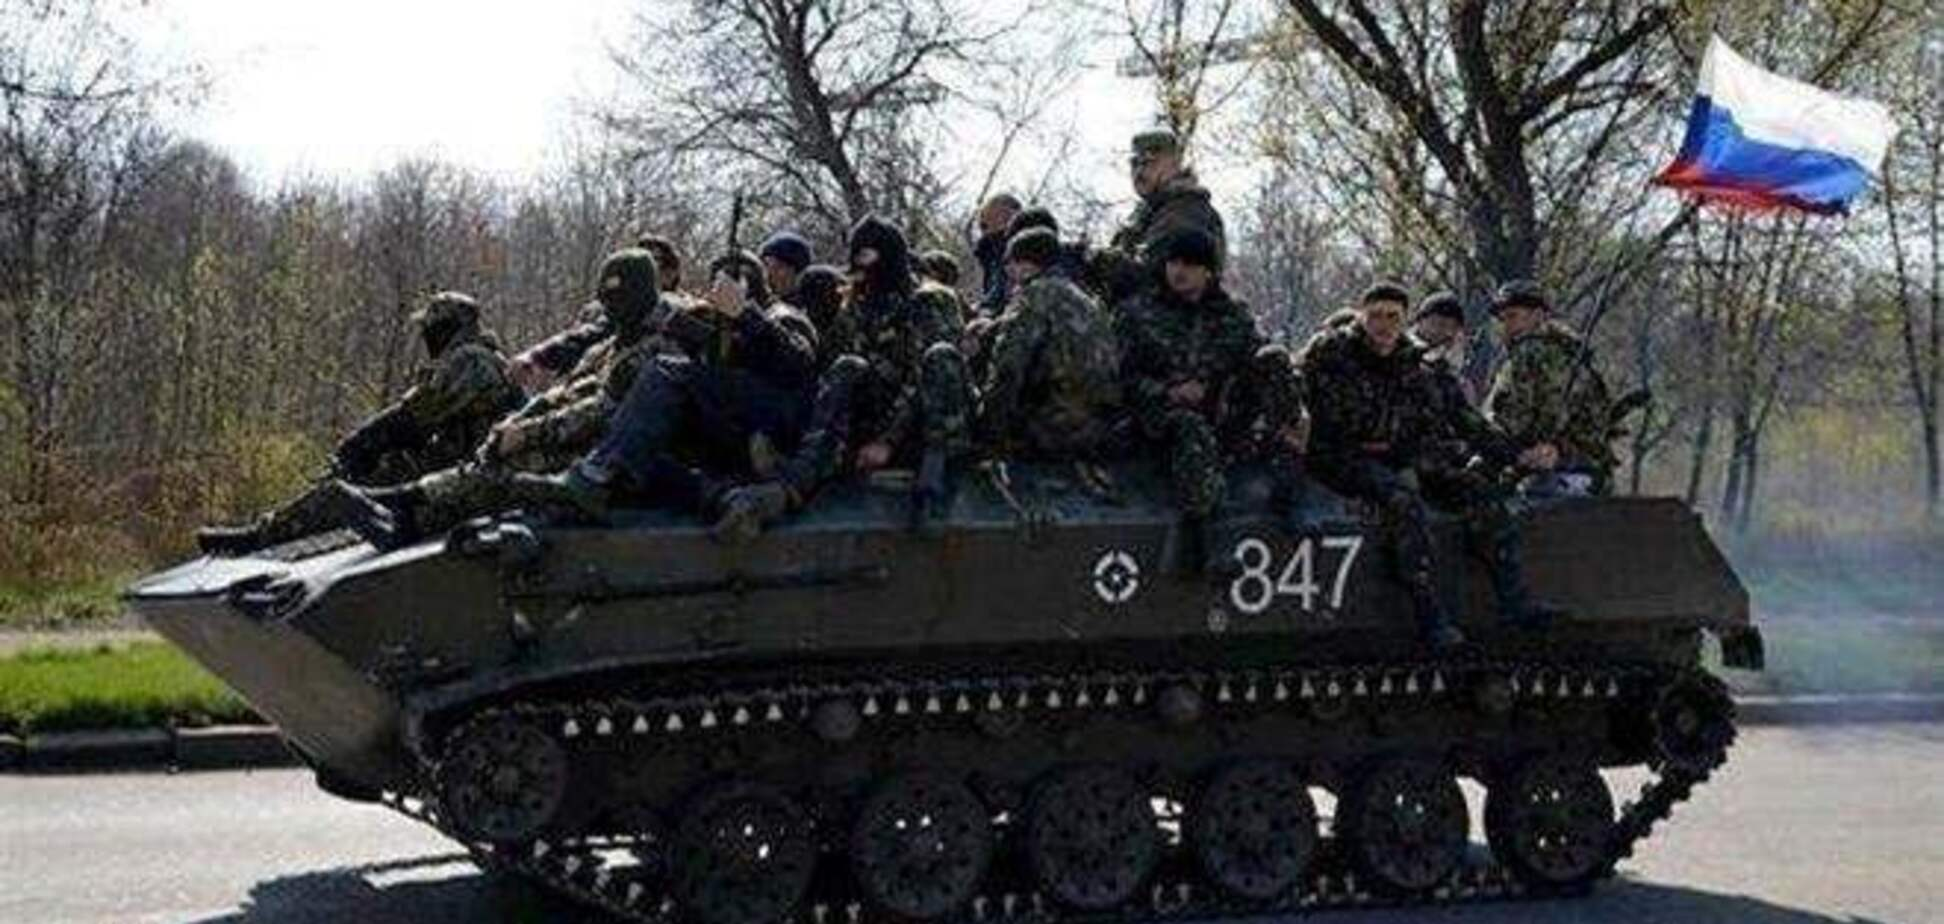 Украинские военные убедили 'Донецкую самооборону' вернуть четыре БМД